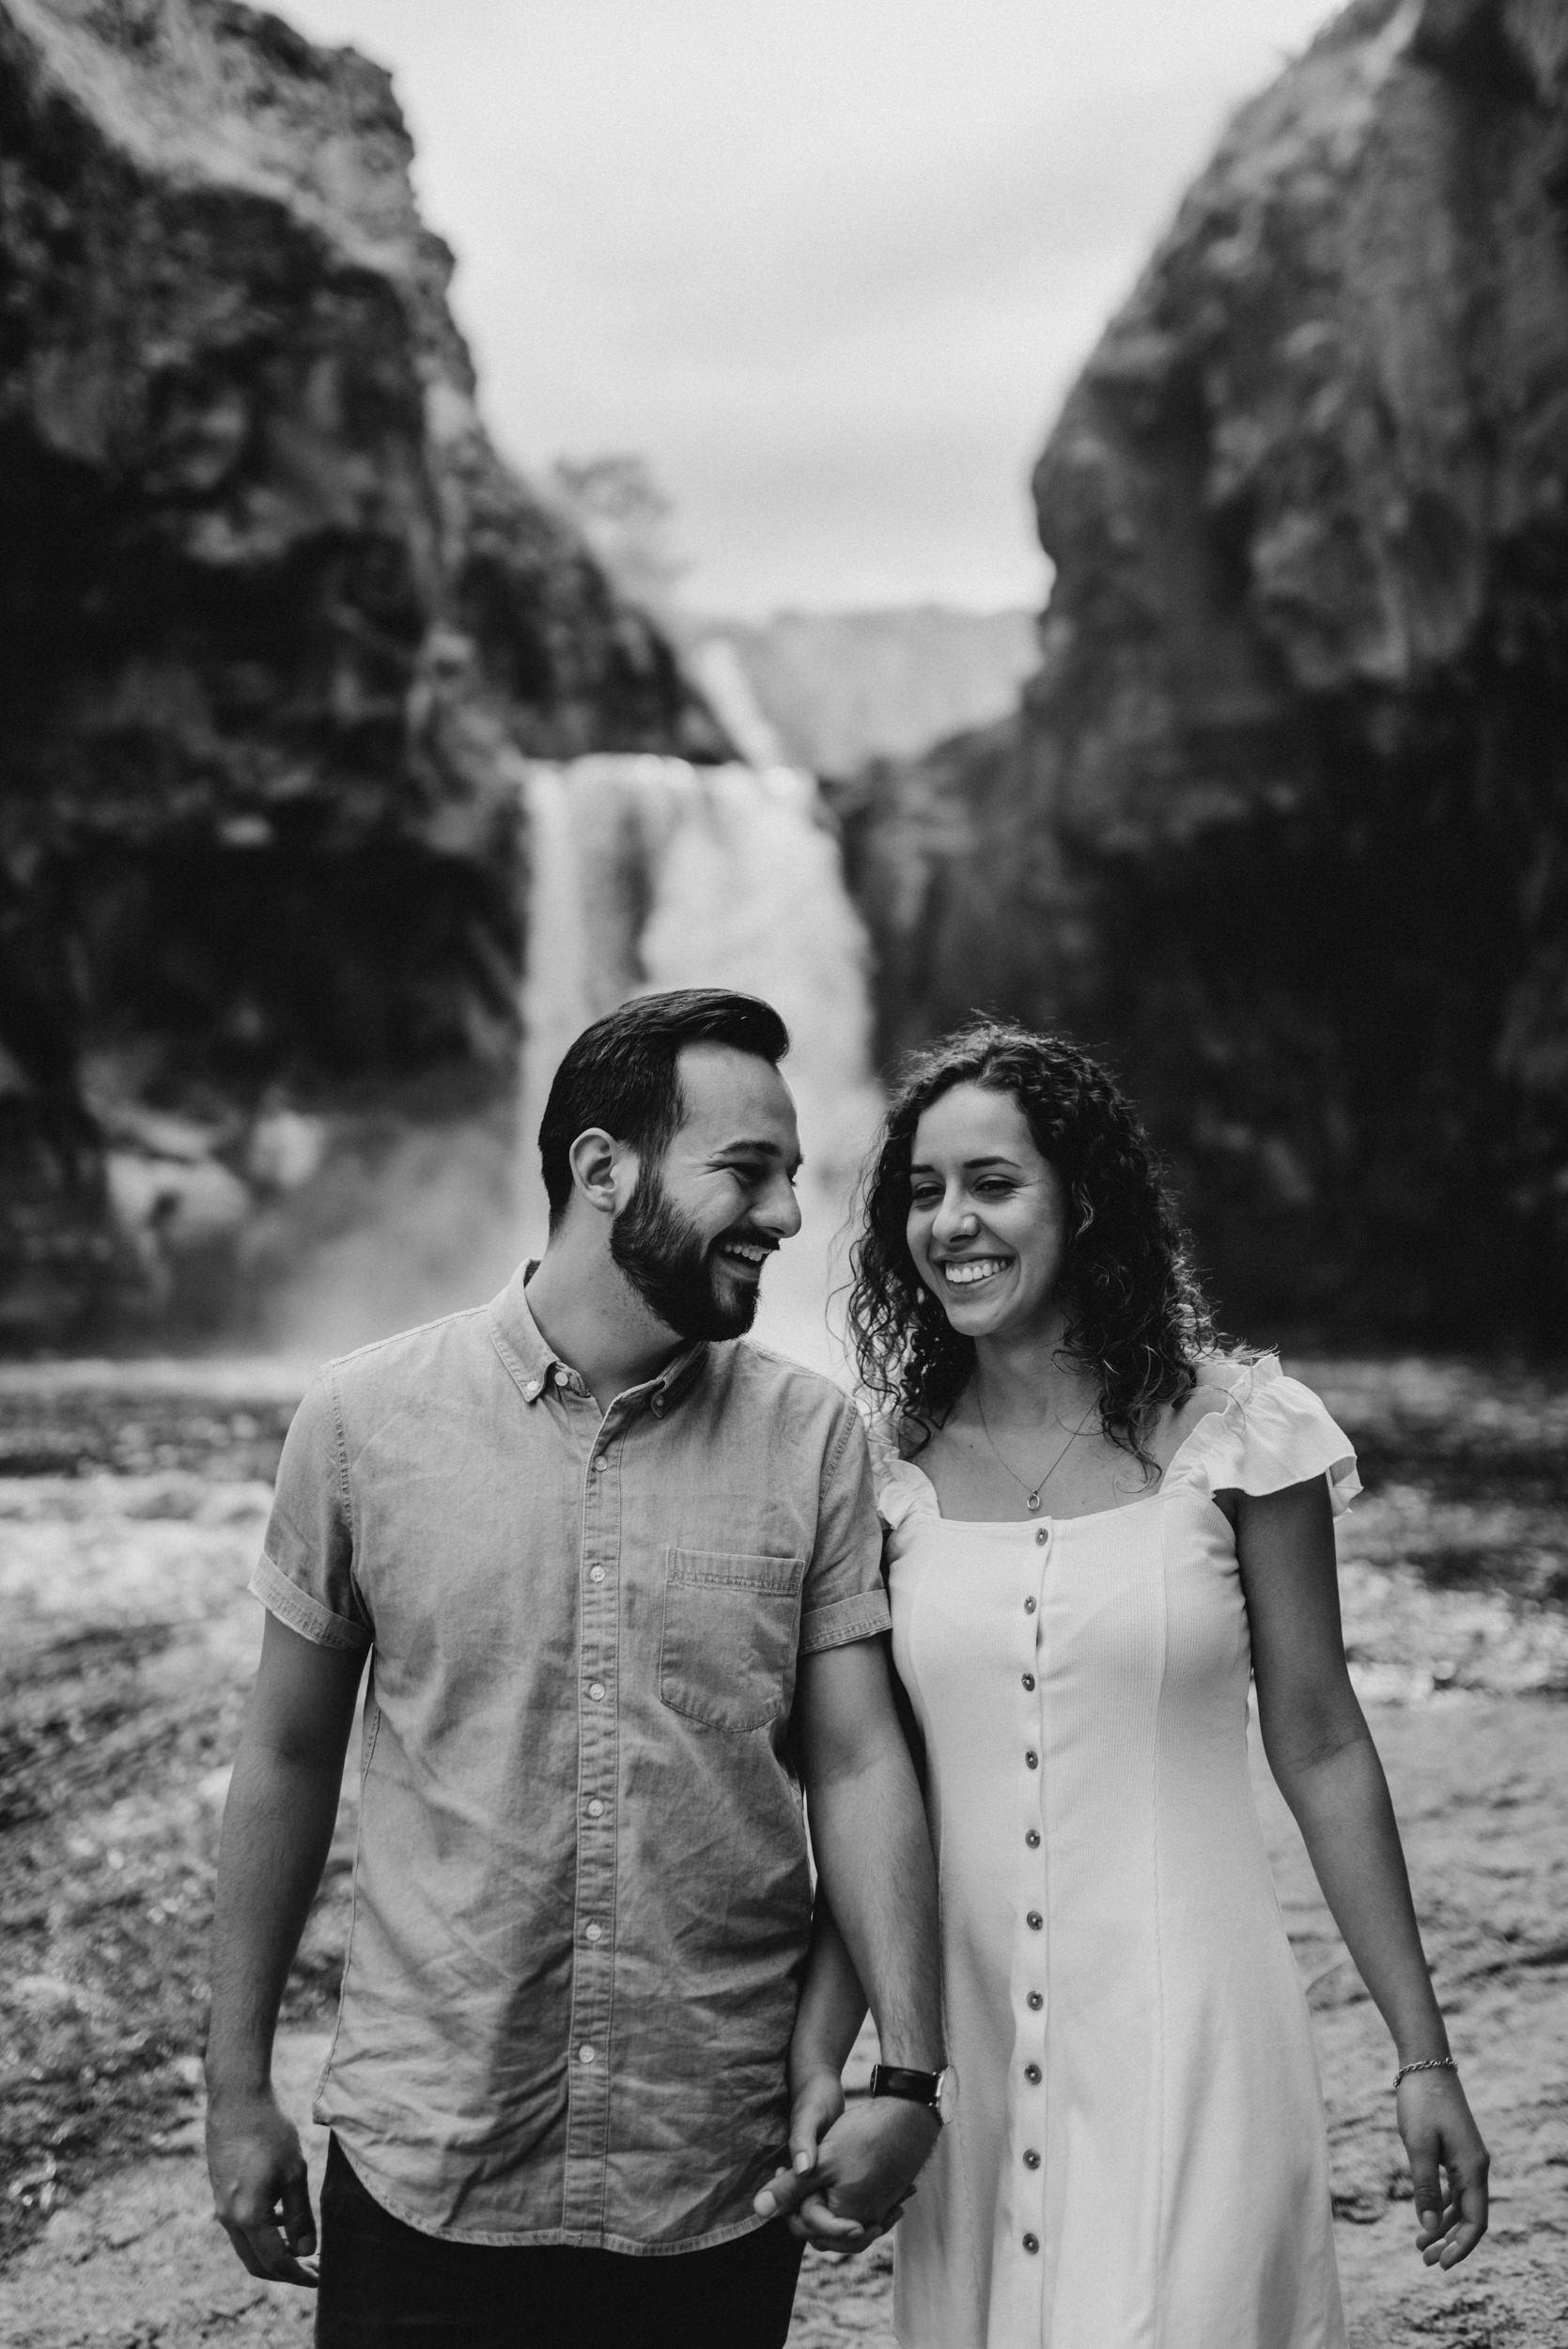 20-White-river-falls-state-park-engagement-5733.jpg